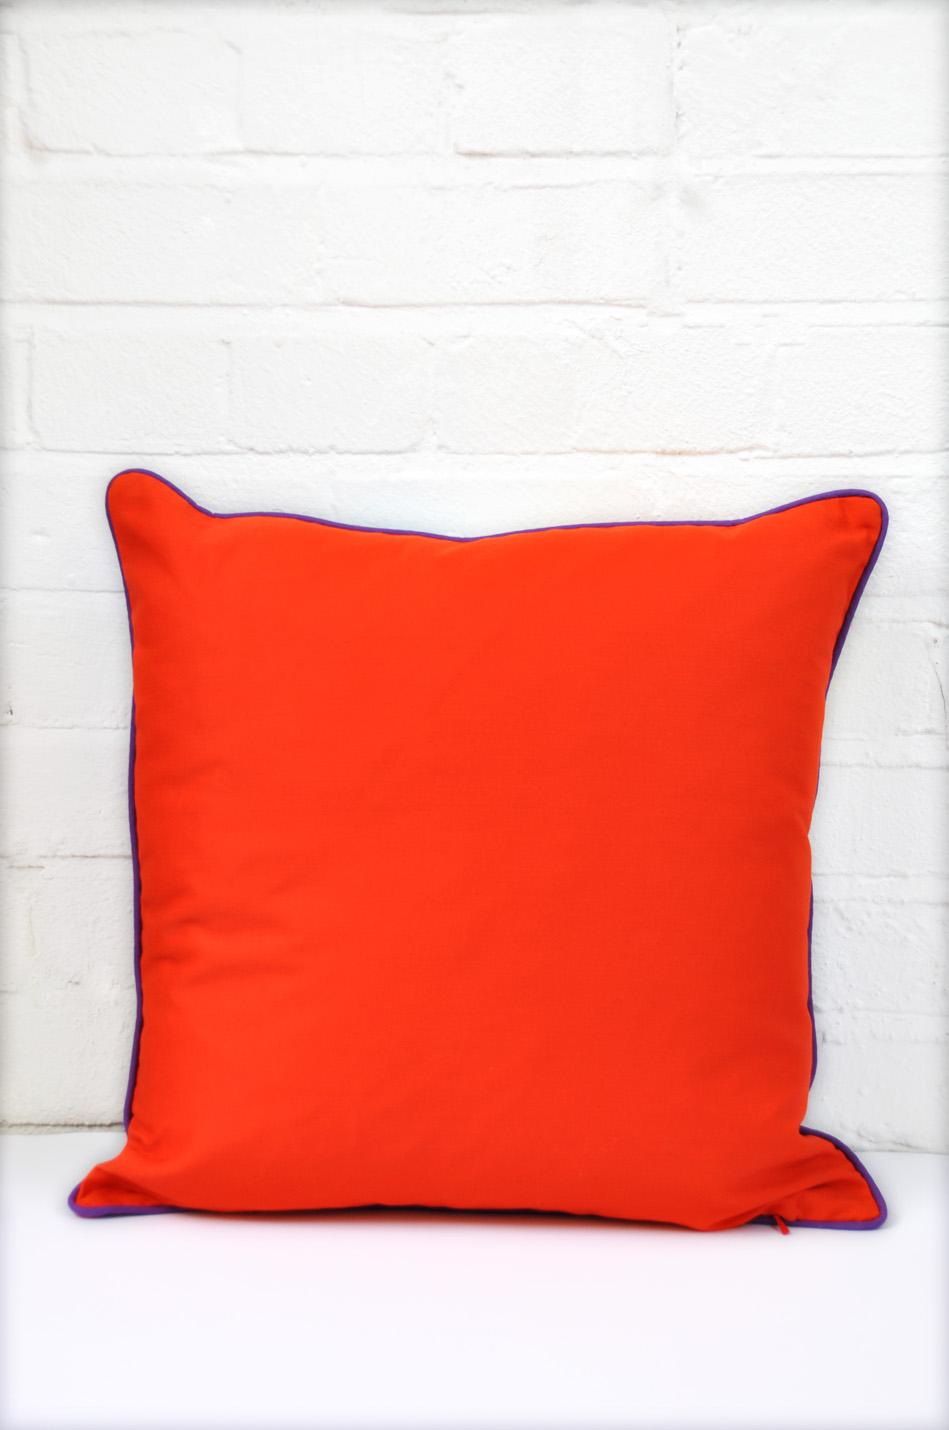 EmJay PrintPink&Turquoise-Orangebackcushion.jpg